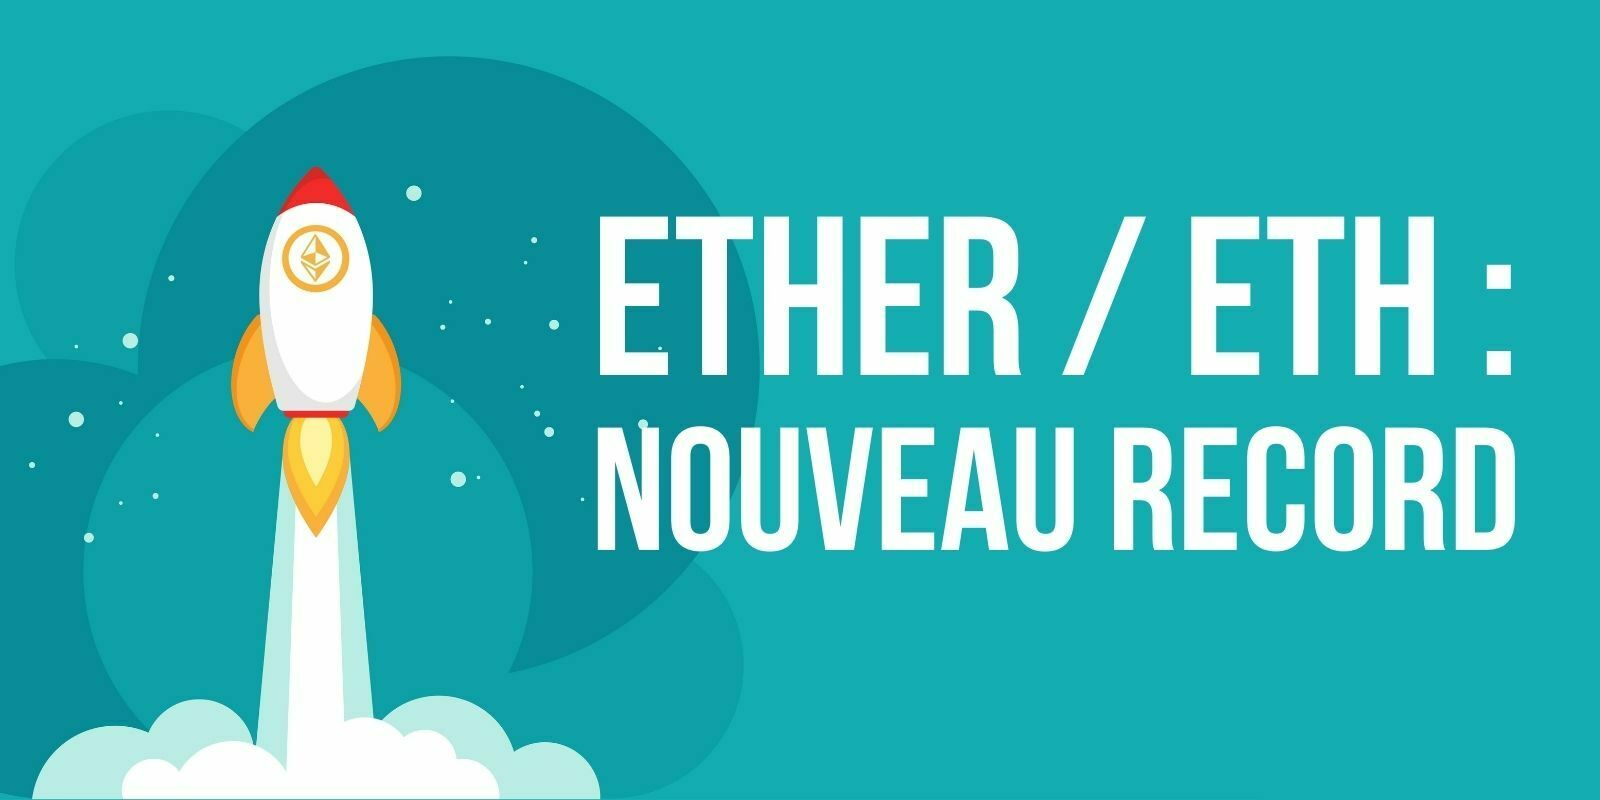 L'Ether (ETH) atteint un nouveau record à 4 100 dollars